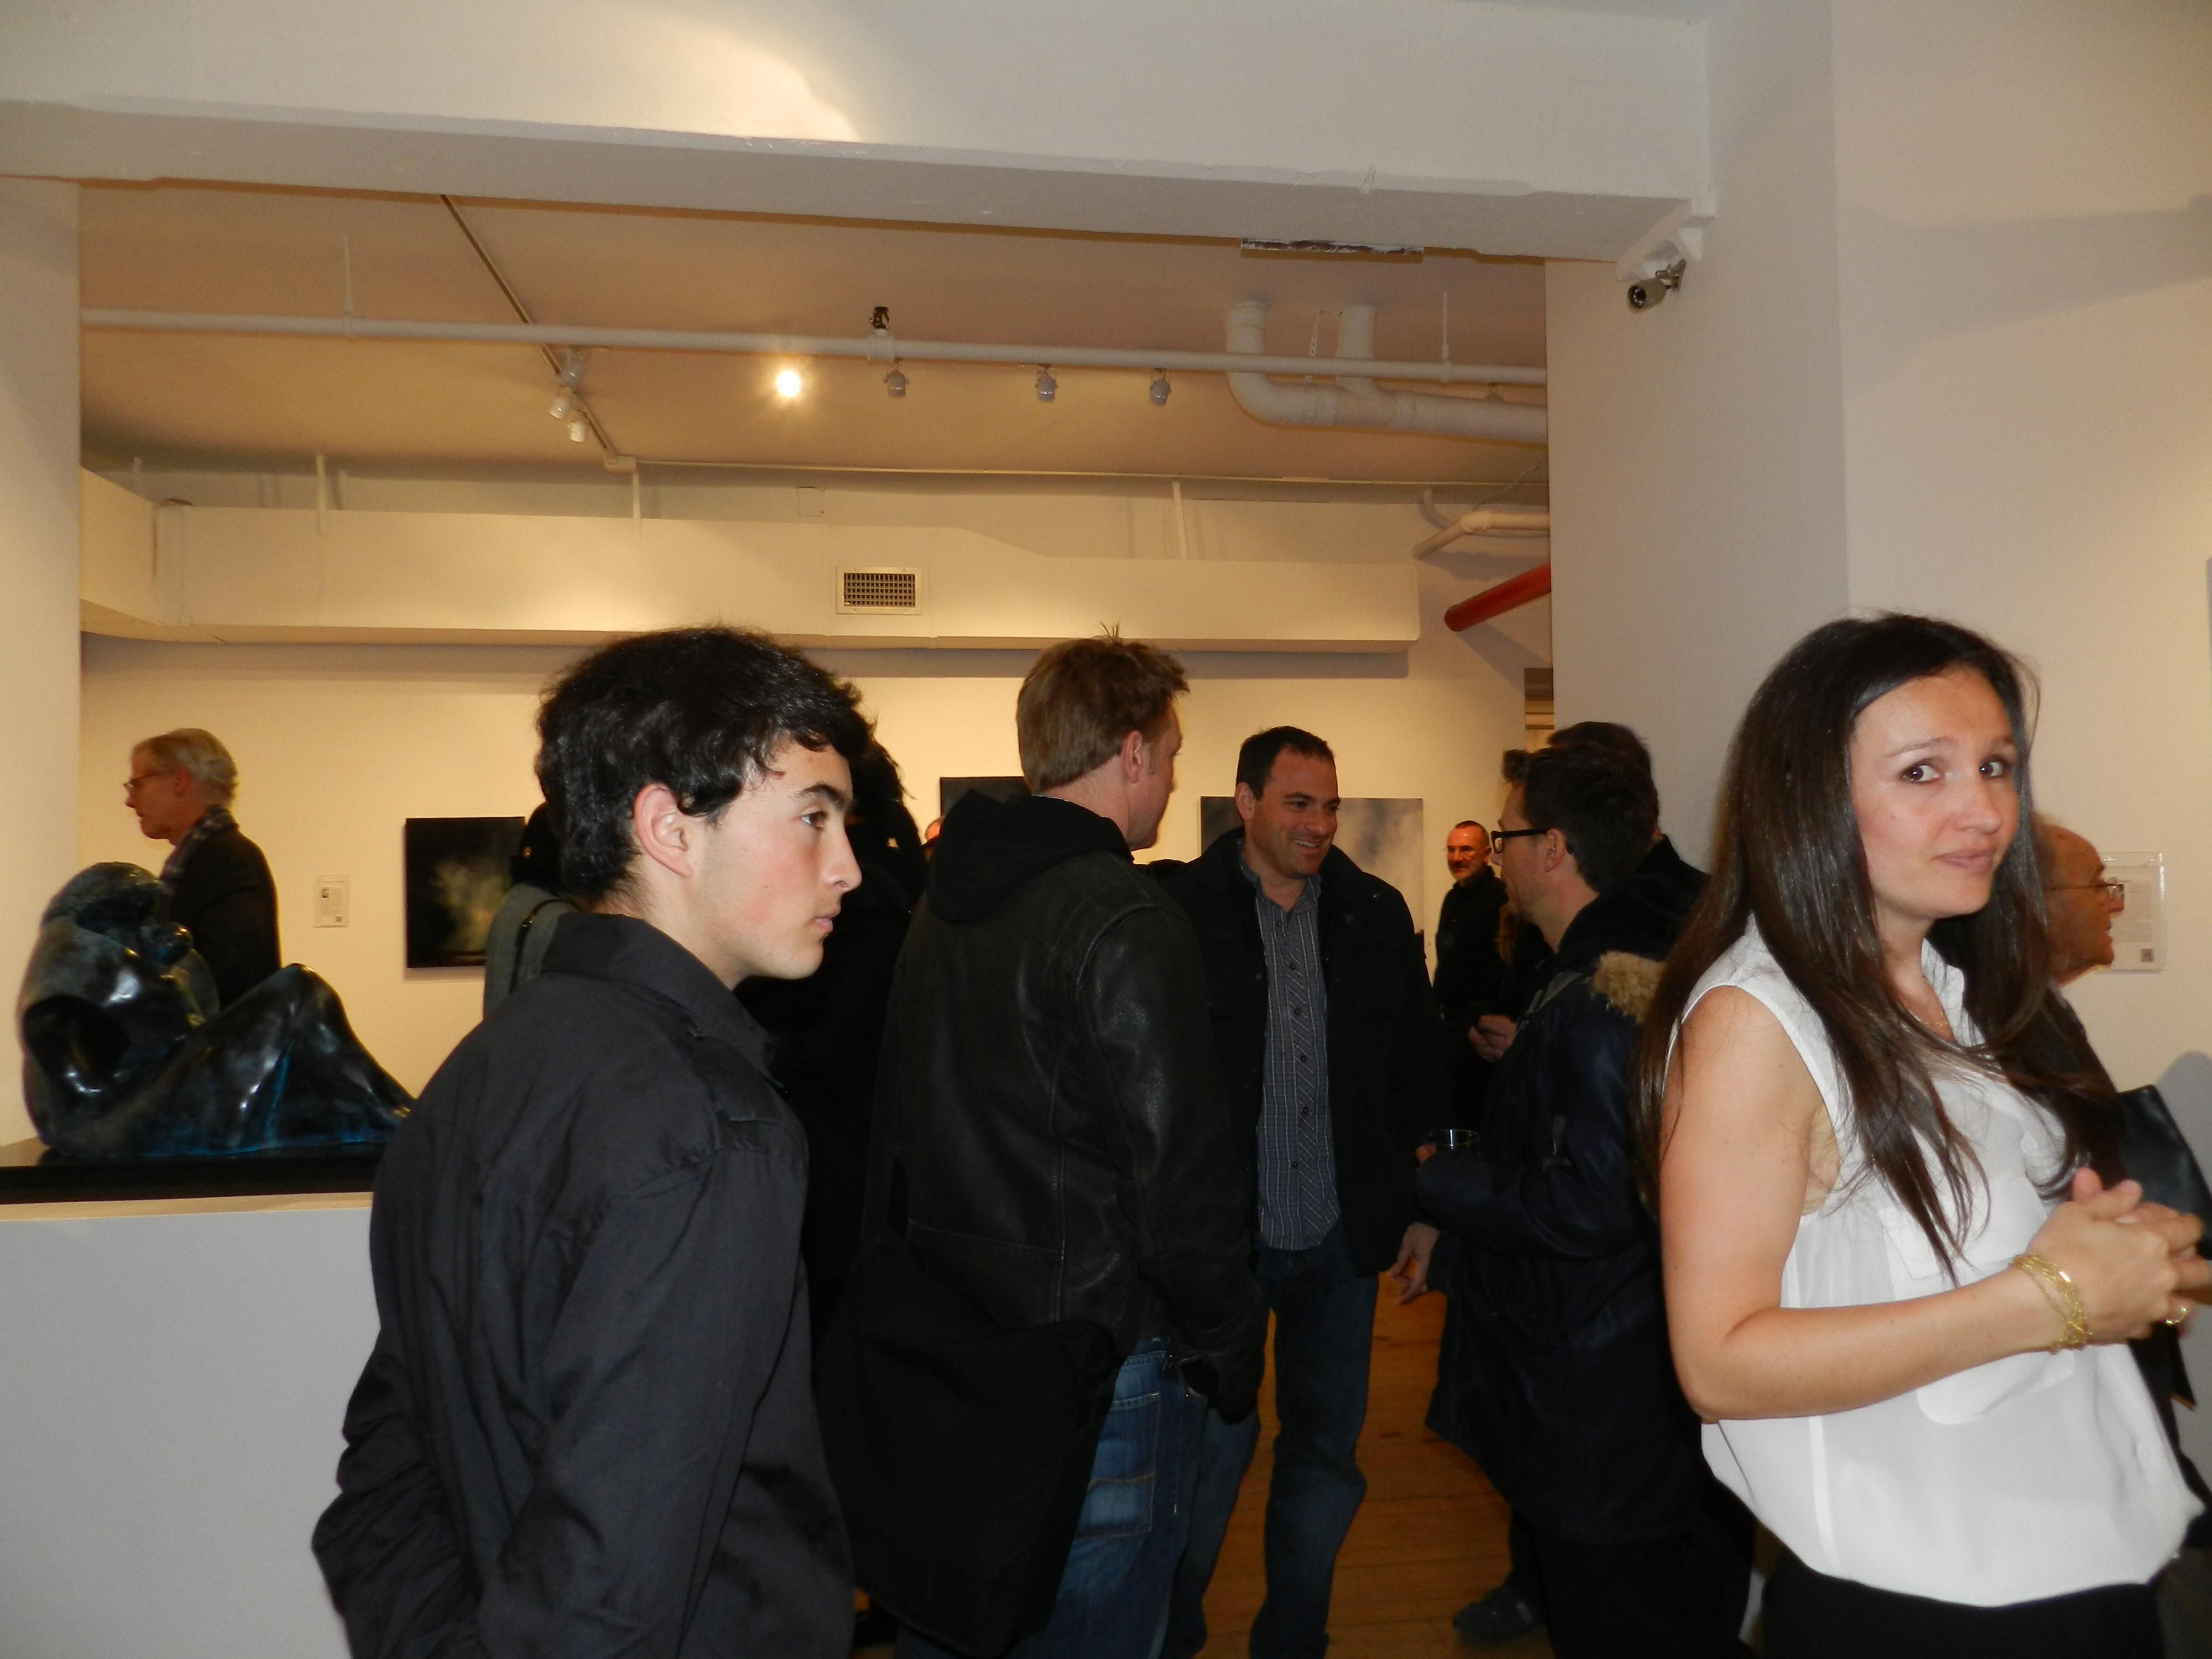 Lety+Herrera+At++Agora+Gallery+NYC+008